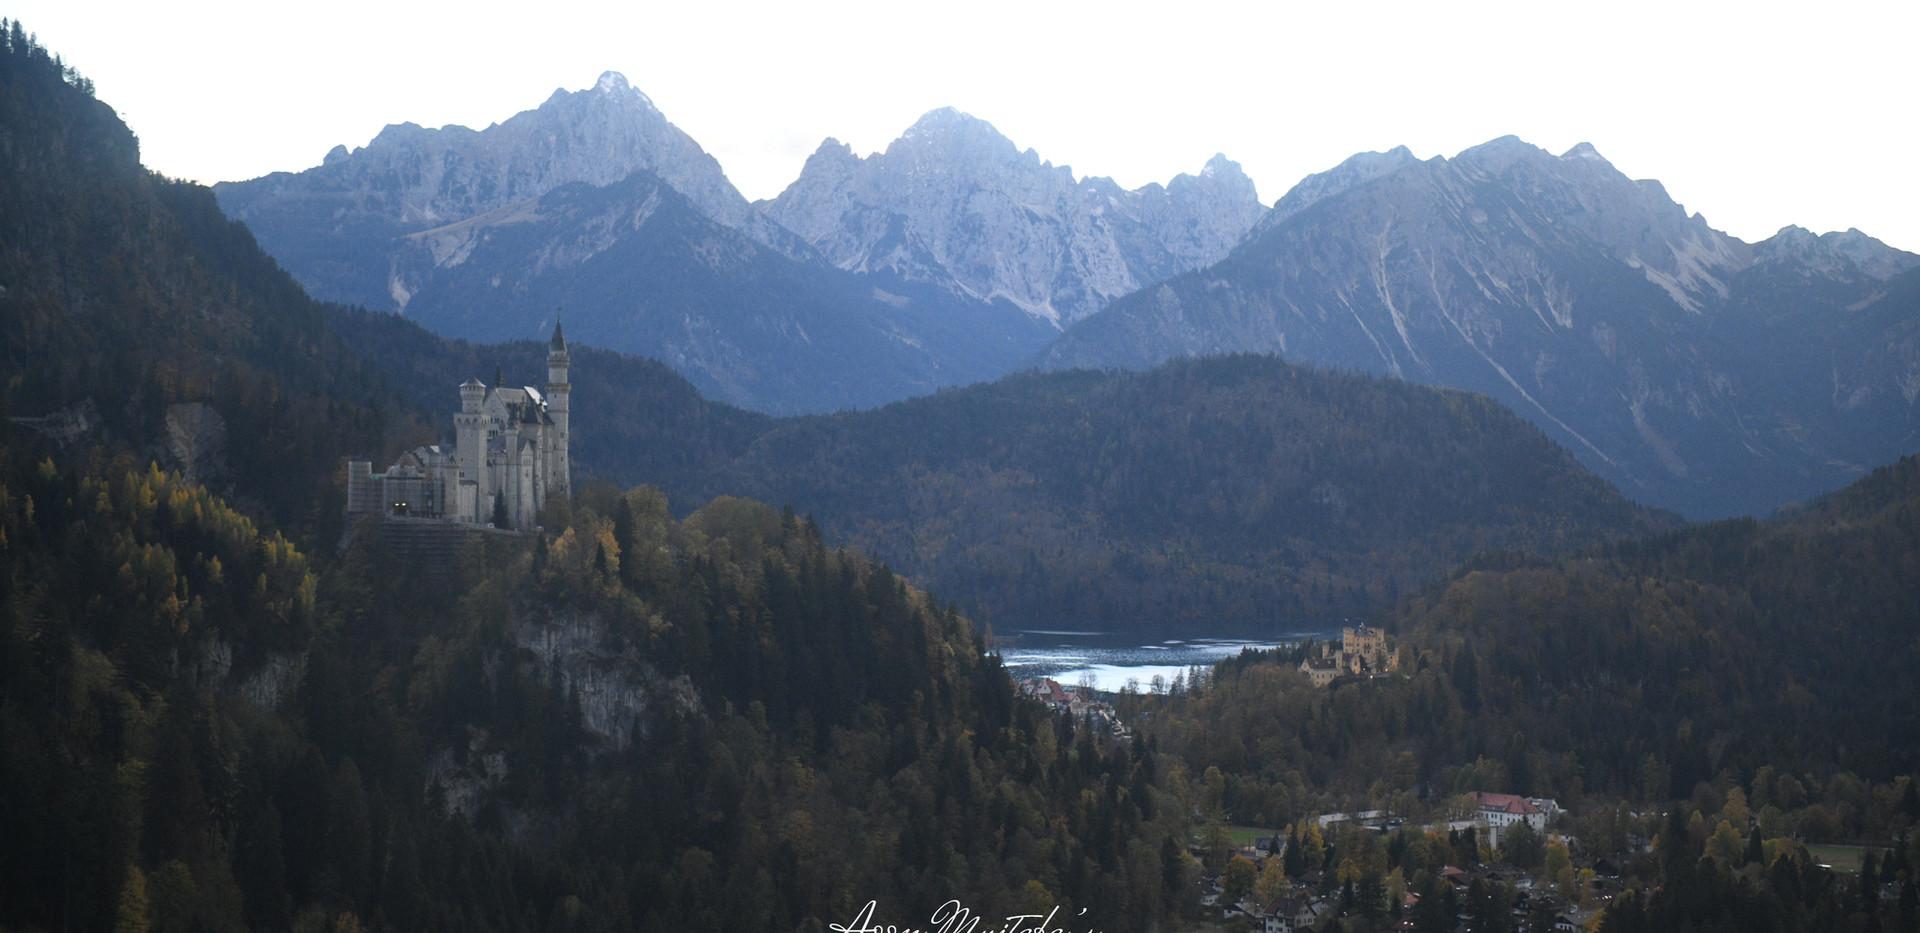 Bavarian Alps, Bavaria, Germany